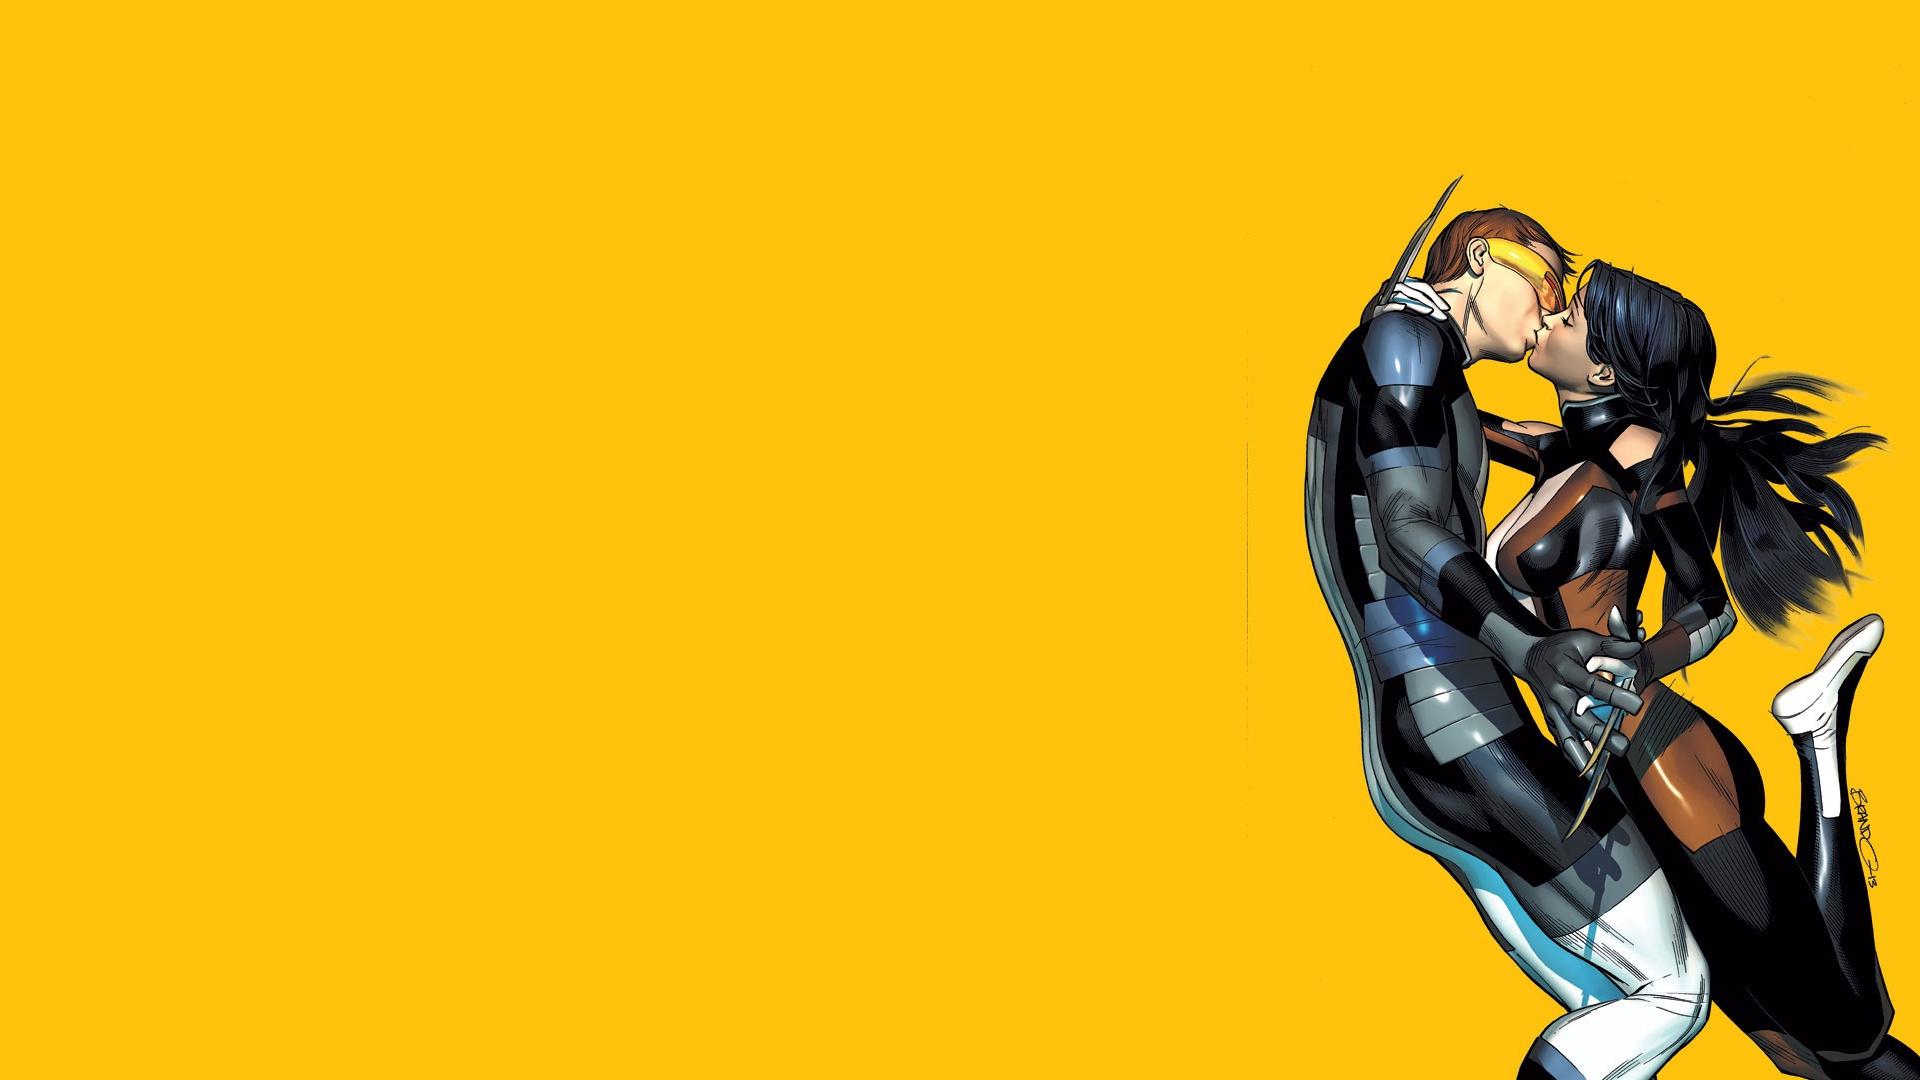 Comics   X Men Cyclops X 23 Wallpaper 1920x1080